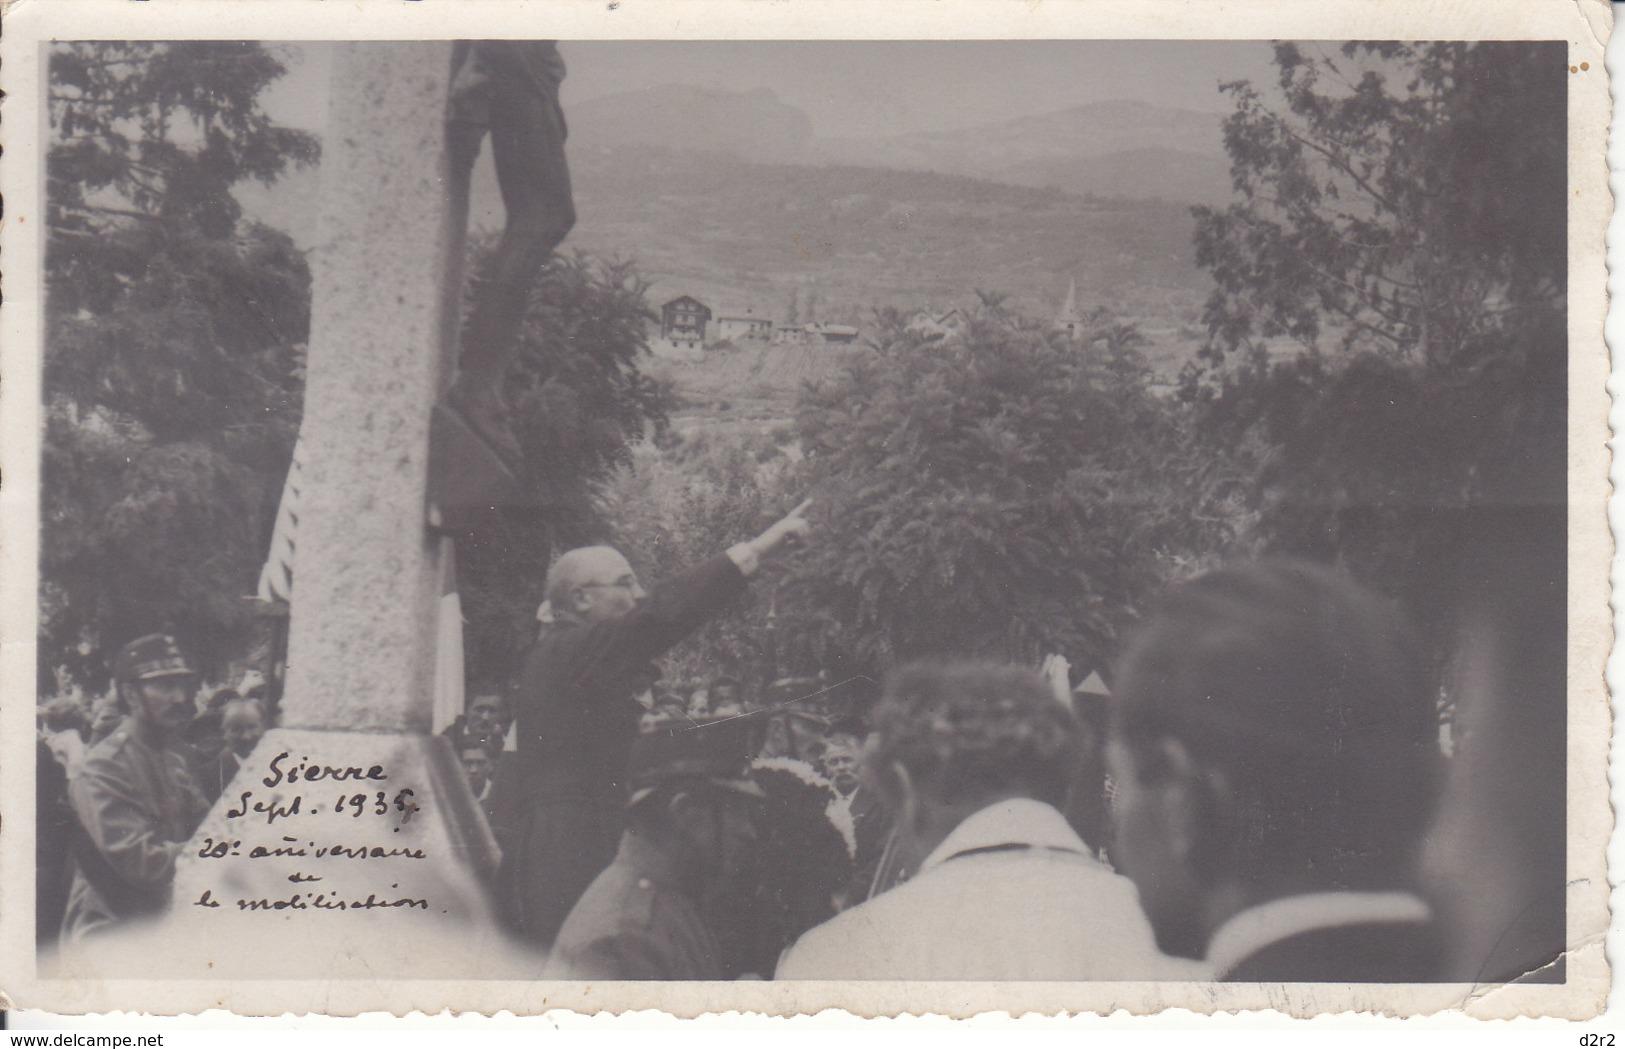 SIERRE - SEPTEMBRE 1934 - 20 E DE LA MOBILISATION - ANIMEE - 1936 - VS Valais